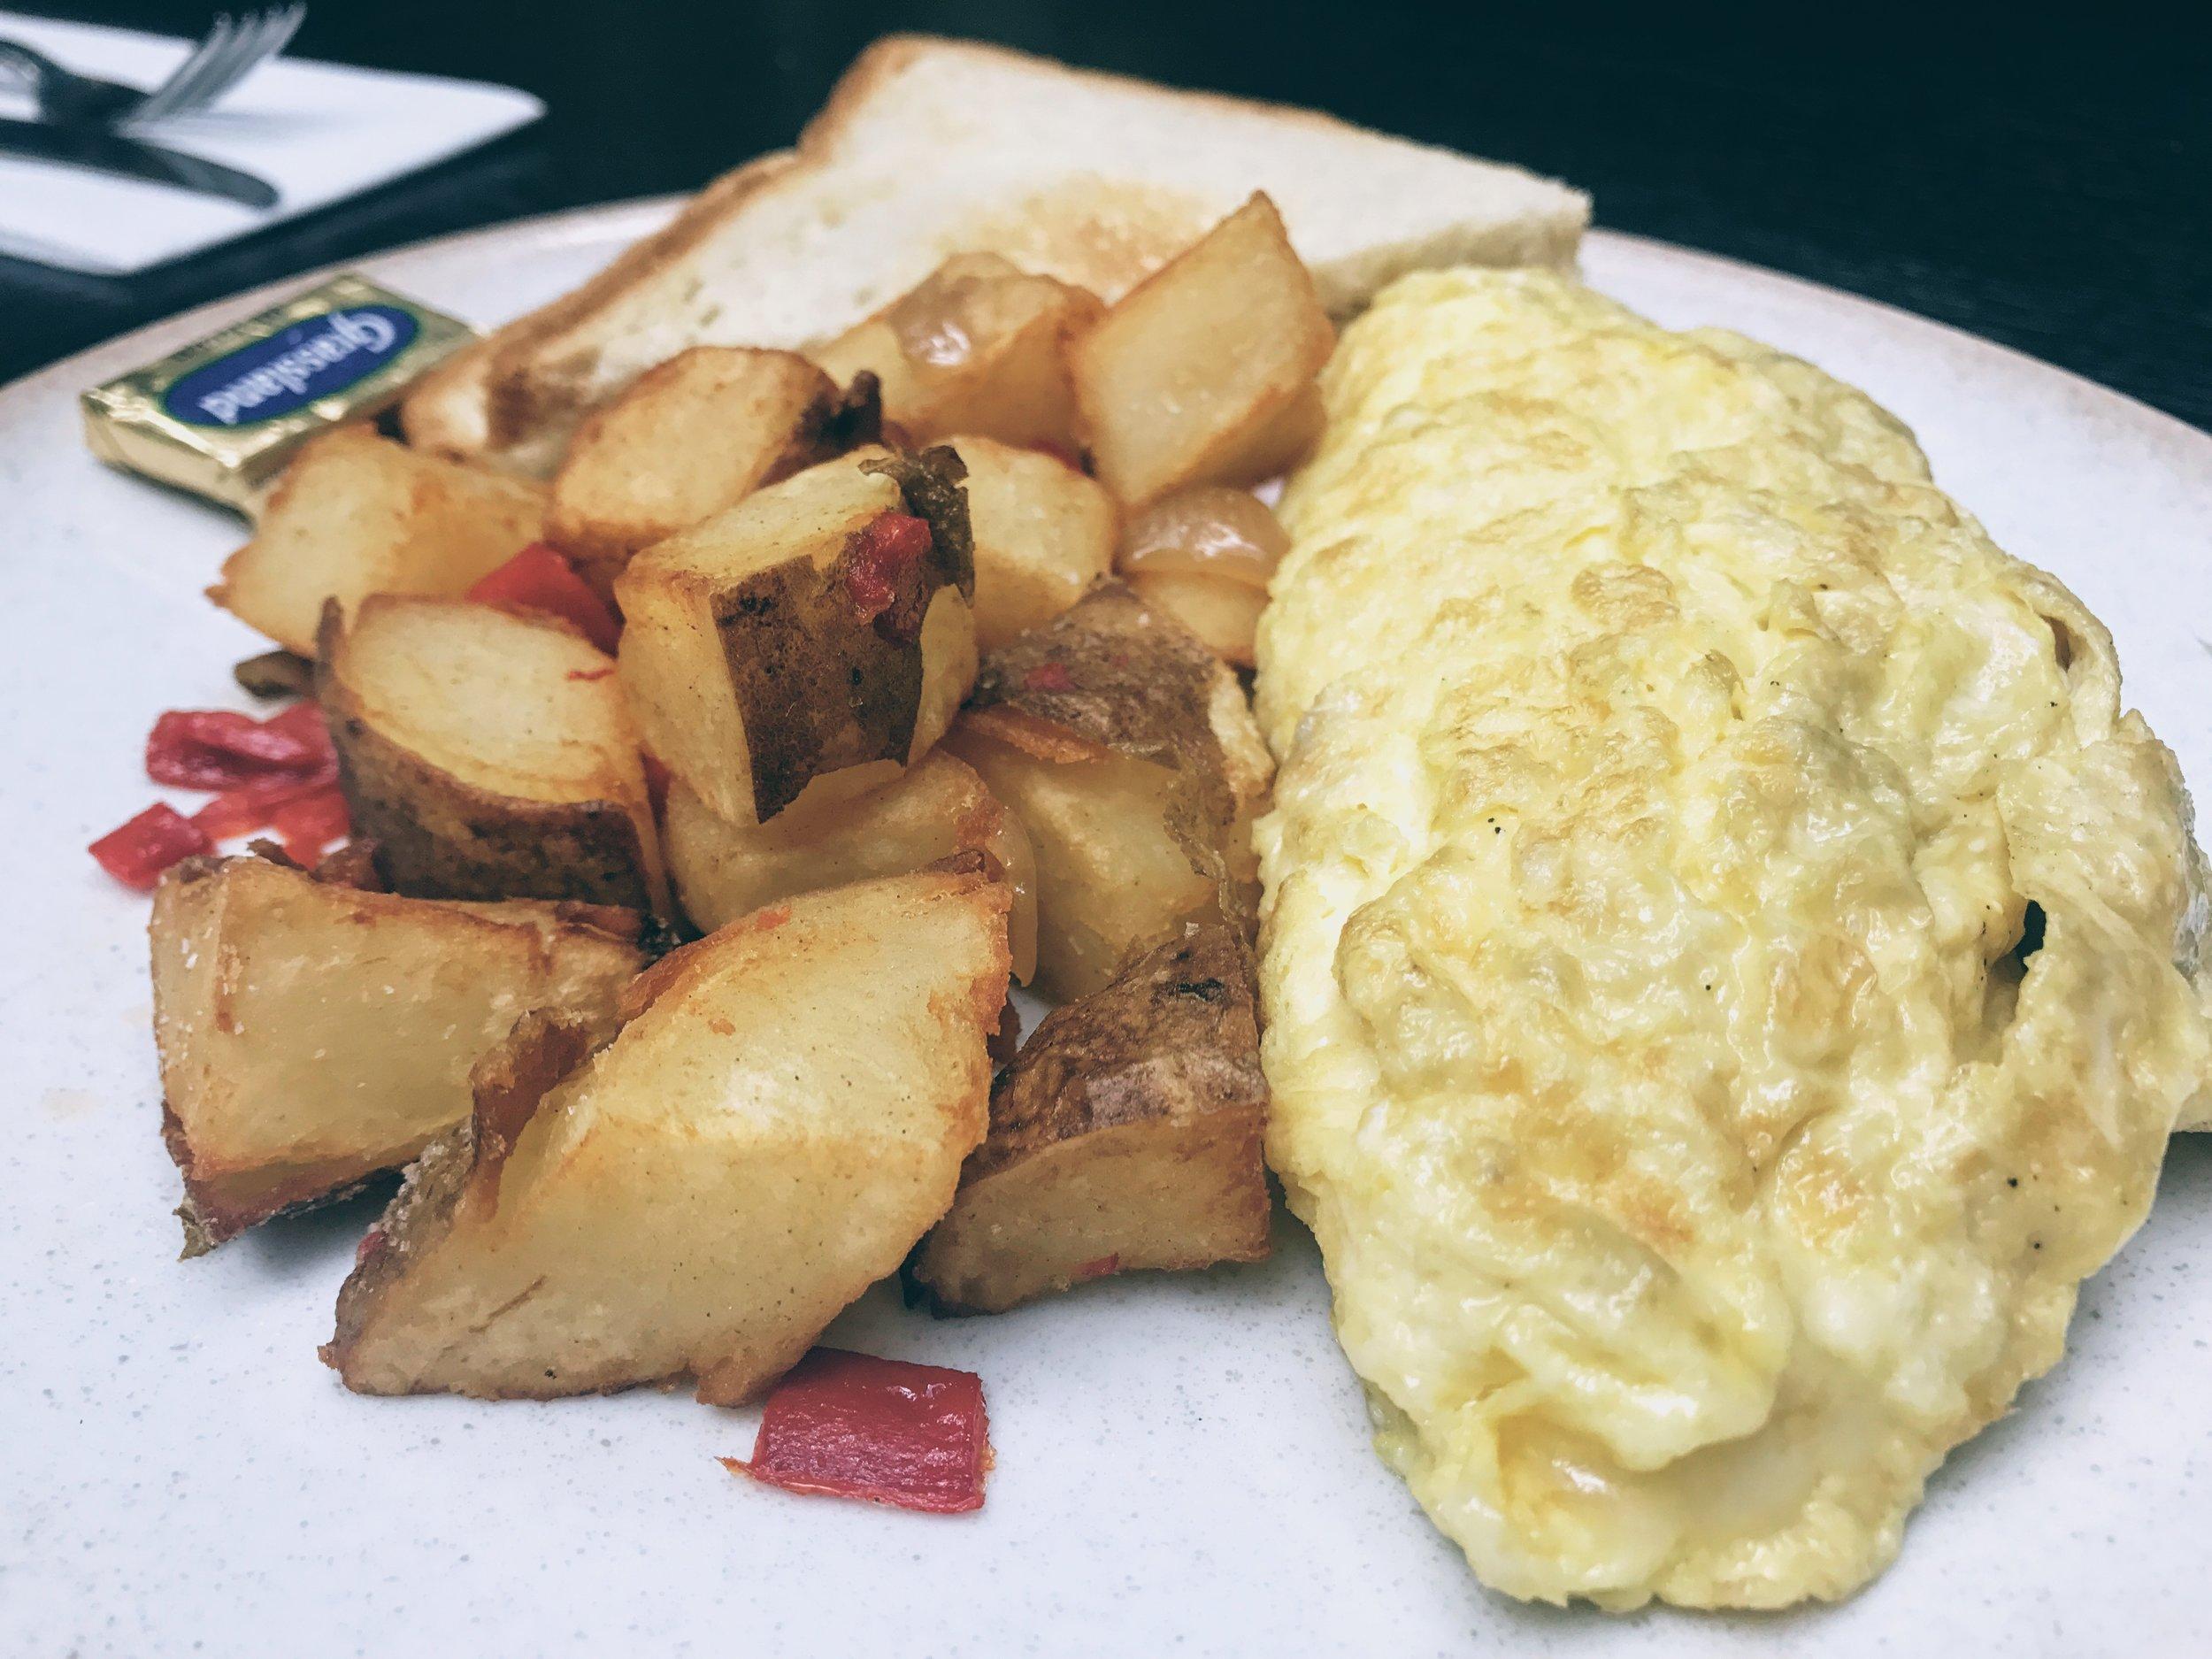 cafe medi omelette